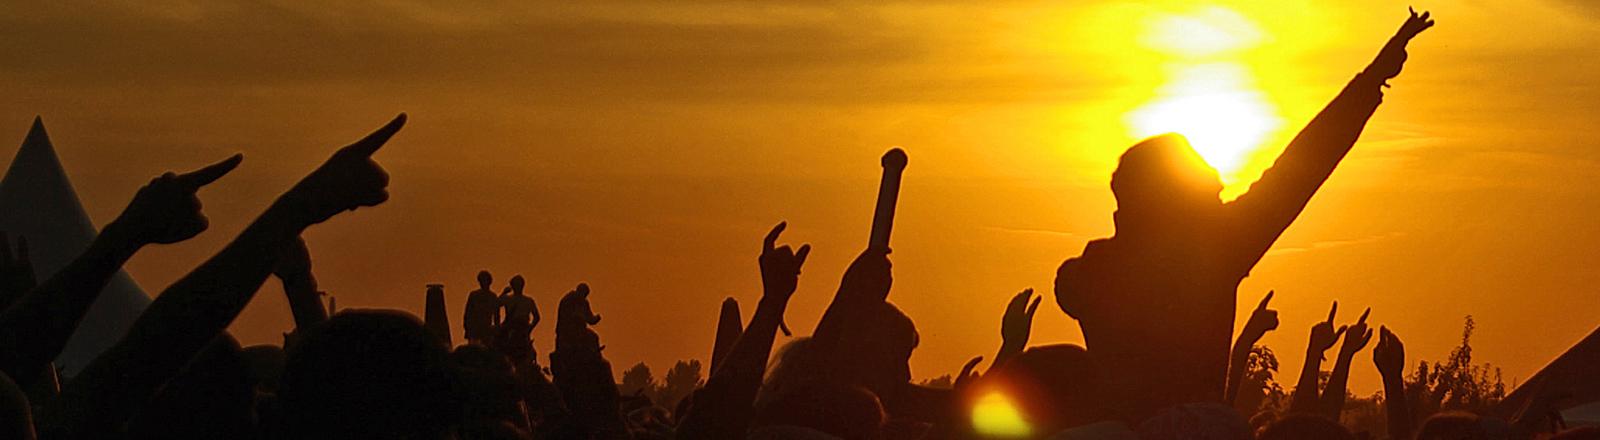 Publikum bei einem Festival